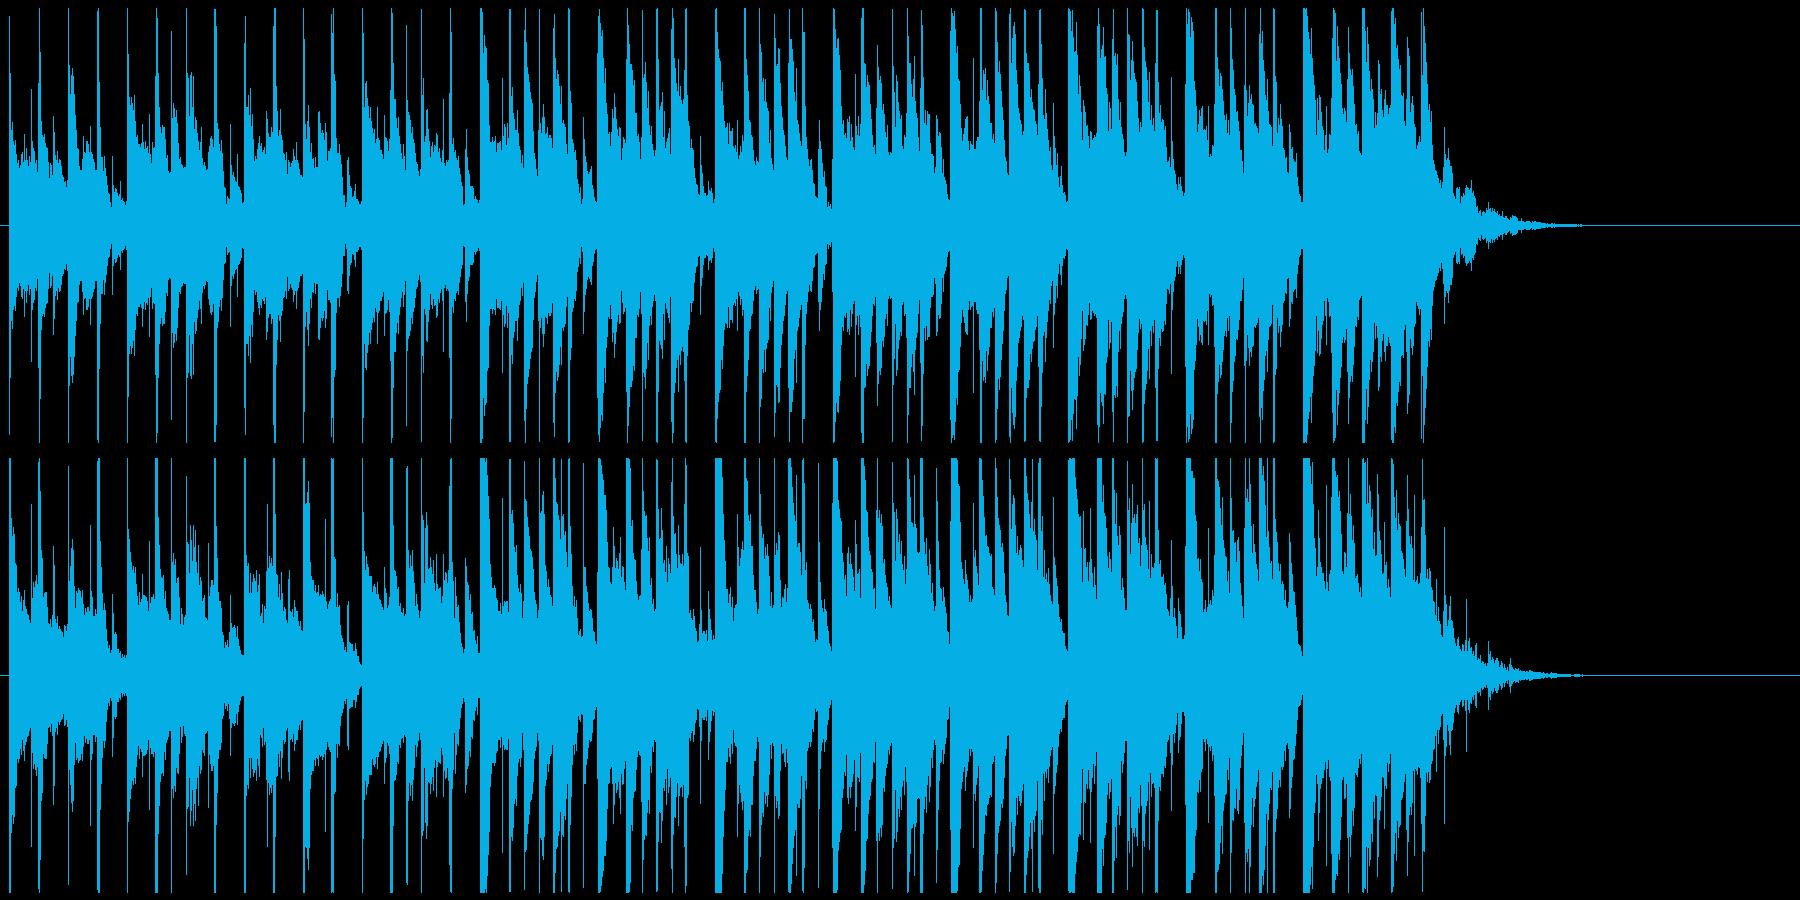 企業VP系ジングル 爽やかおしゃれピアノの再生済みの波形